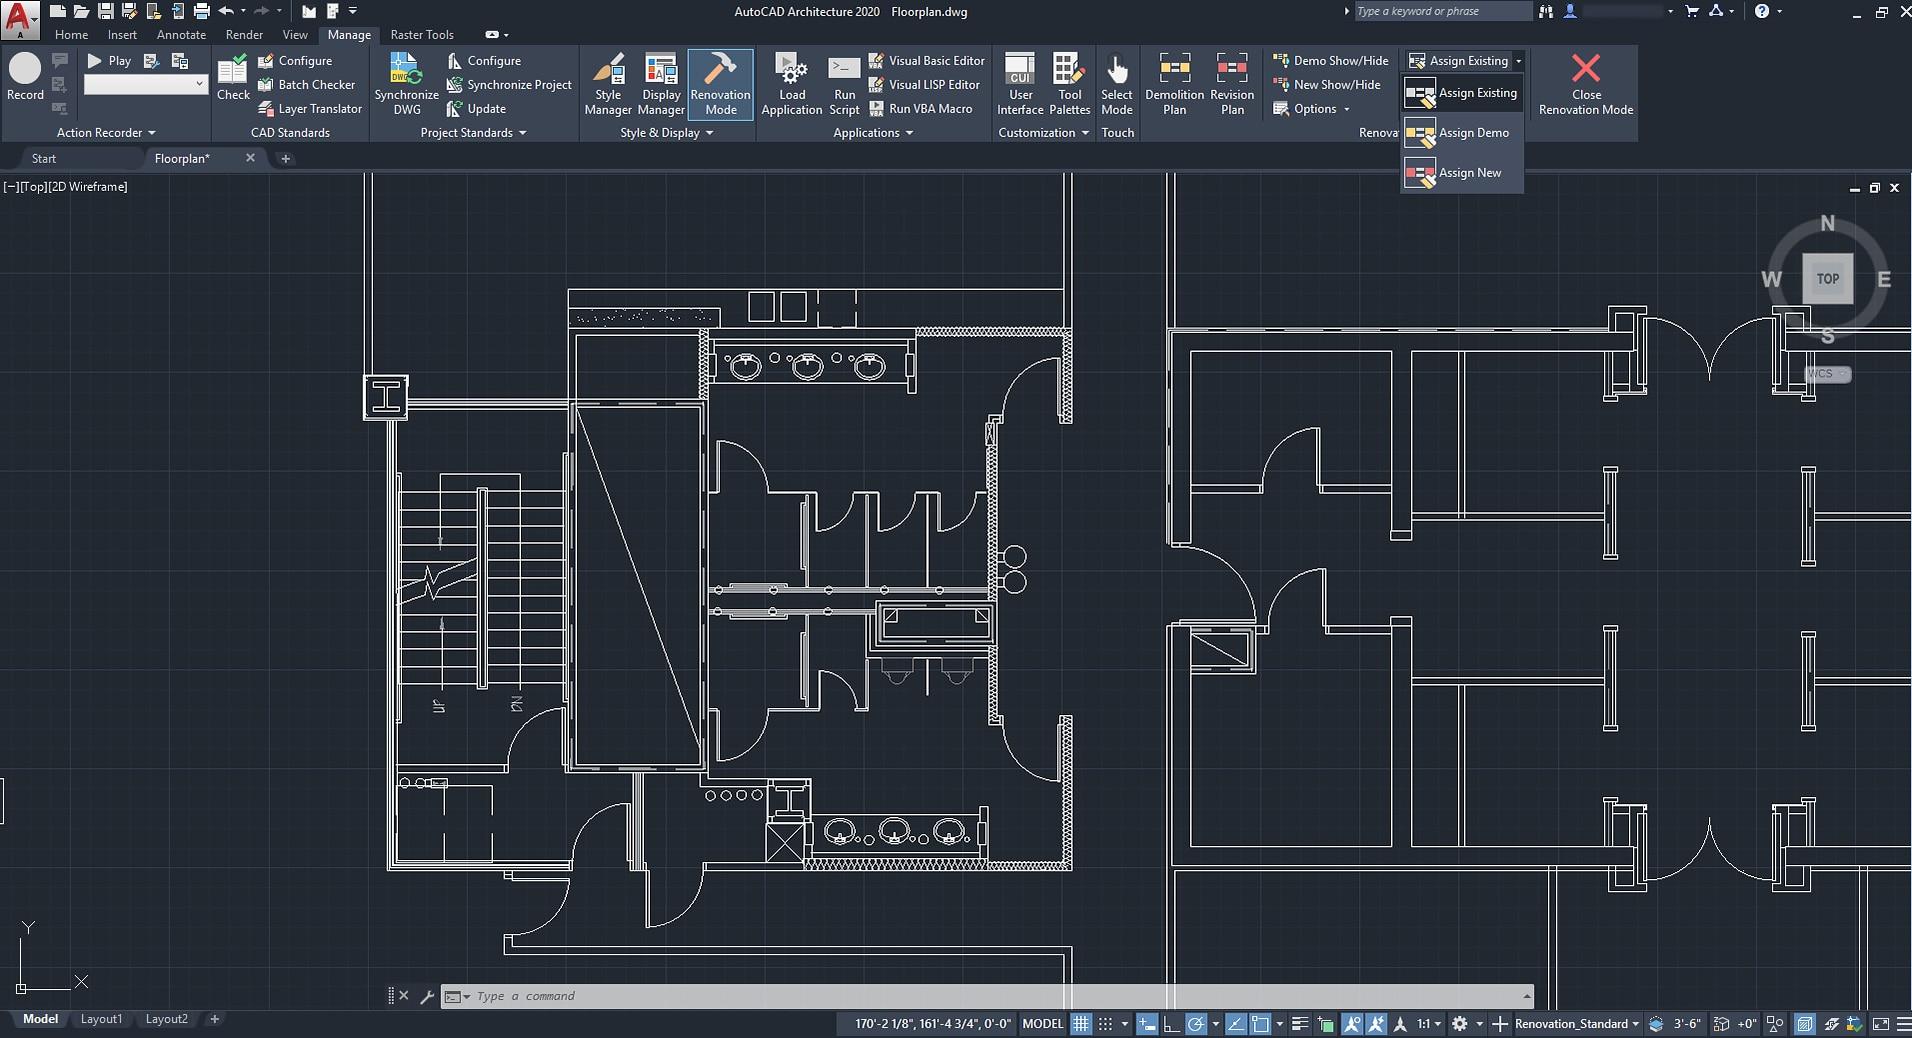 designing in Autocad architecture